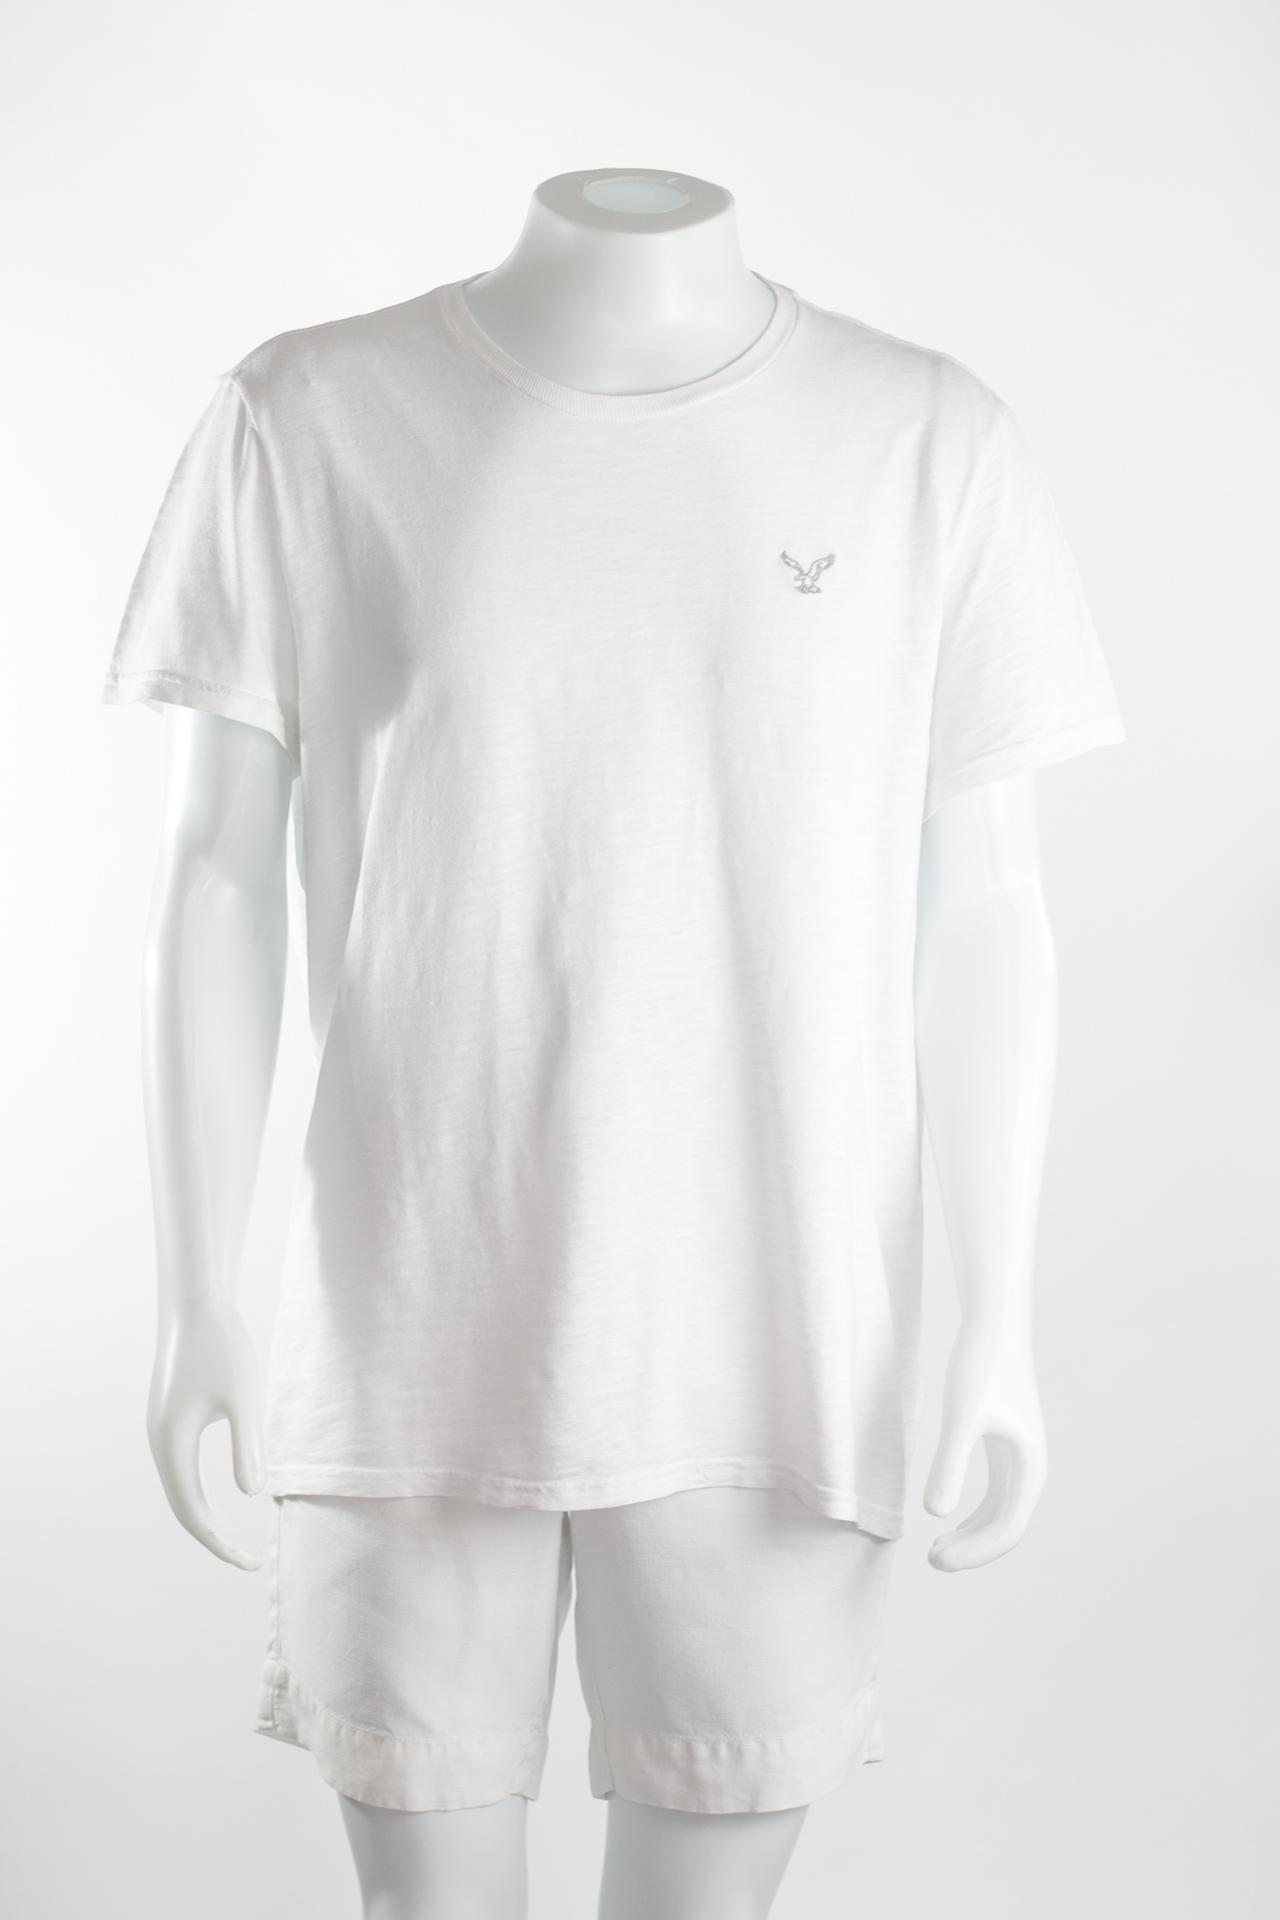 ca7f7be74b AMERICA EAGLE- Camiseta masculina branca - Brechó Agora é Meu!